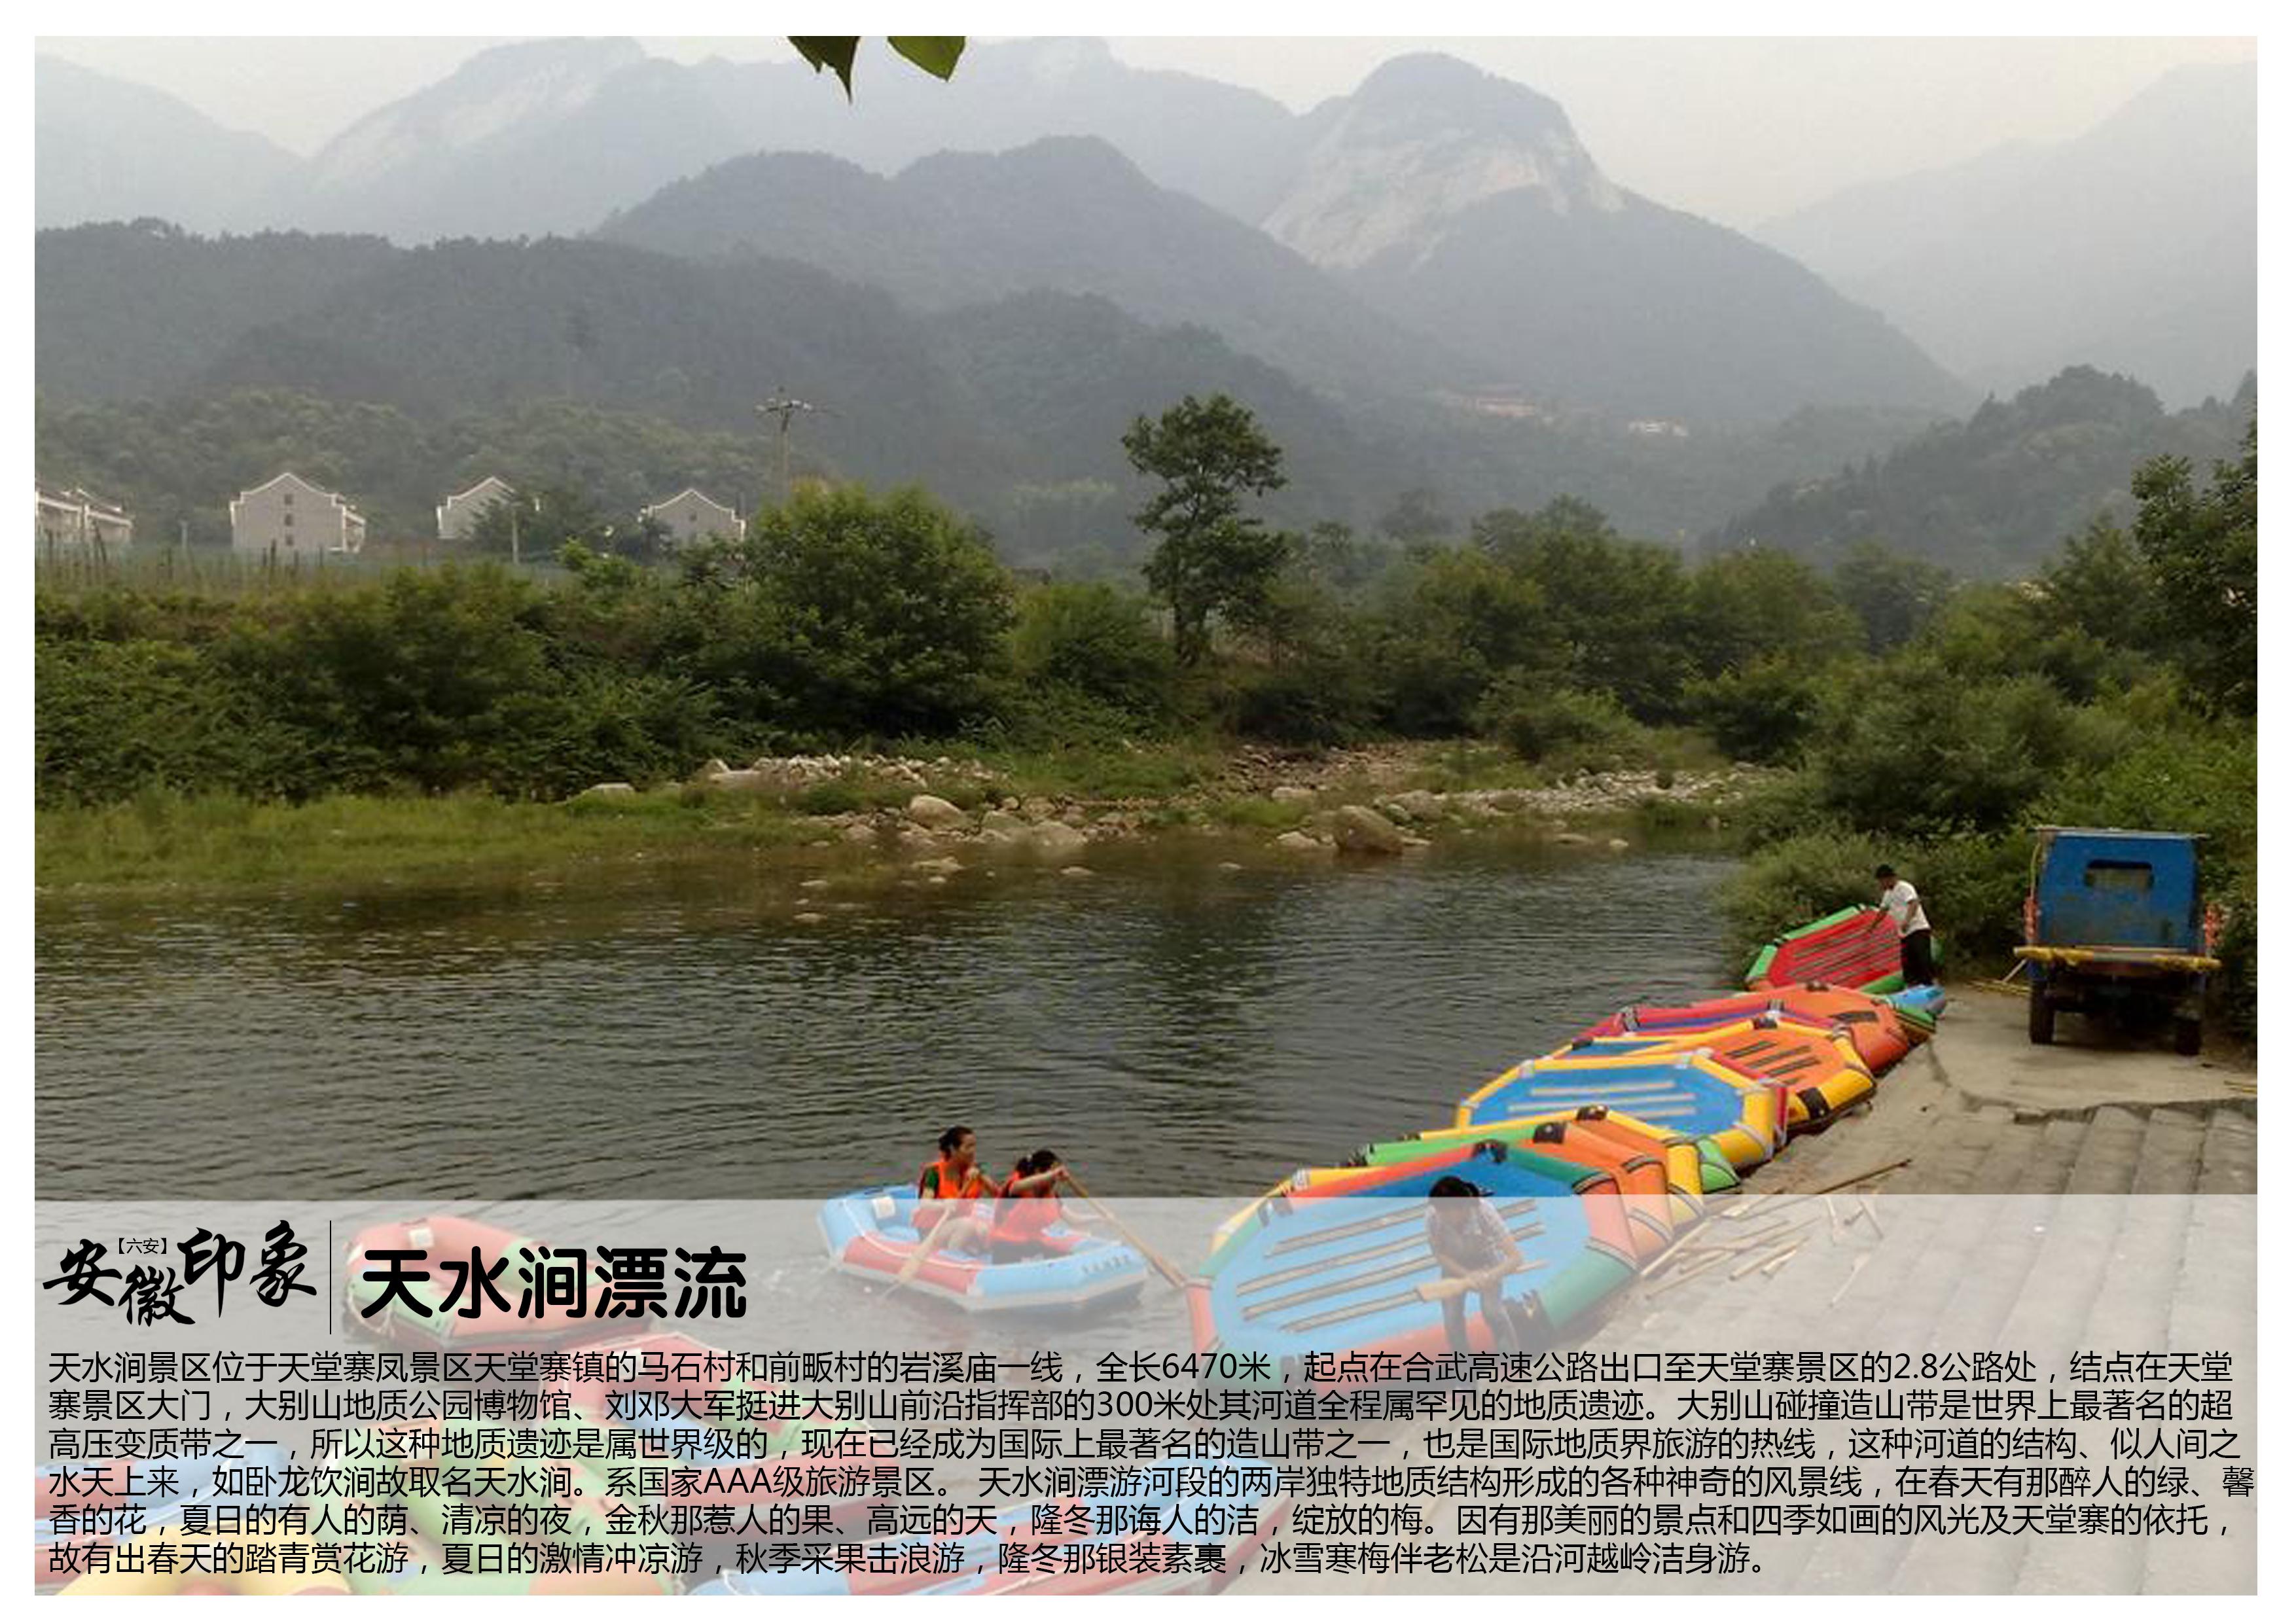 安徽快三开奖:安徽合力(600761SH):拟向中国区域红十字会等机构捐赠现金及等价物合计290万元